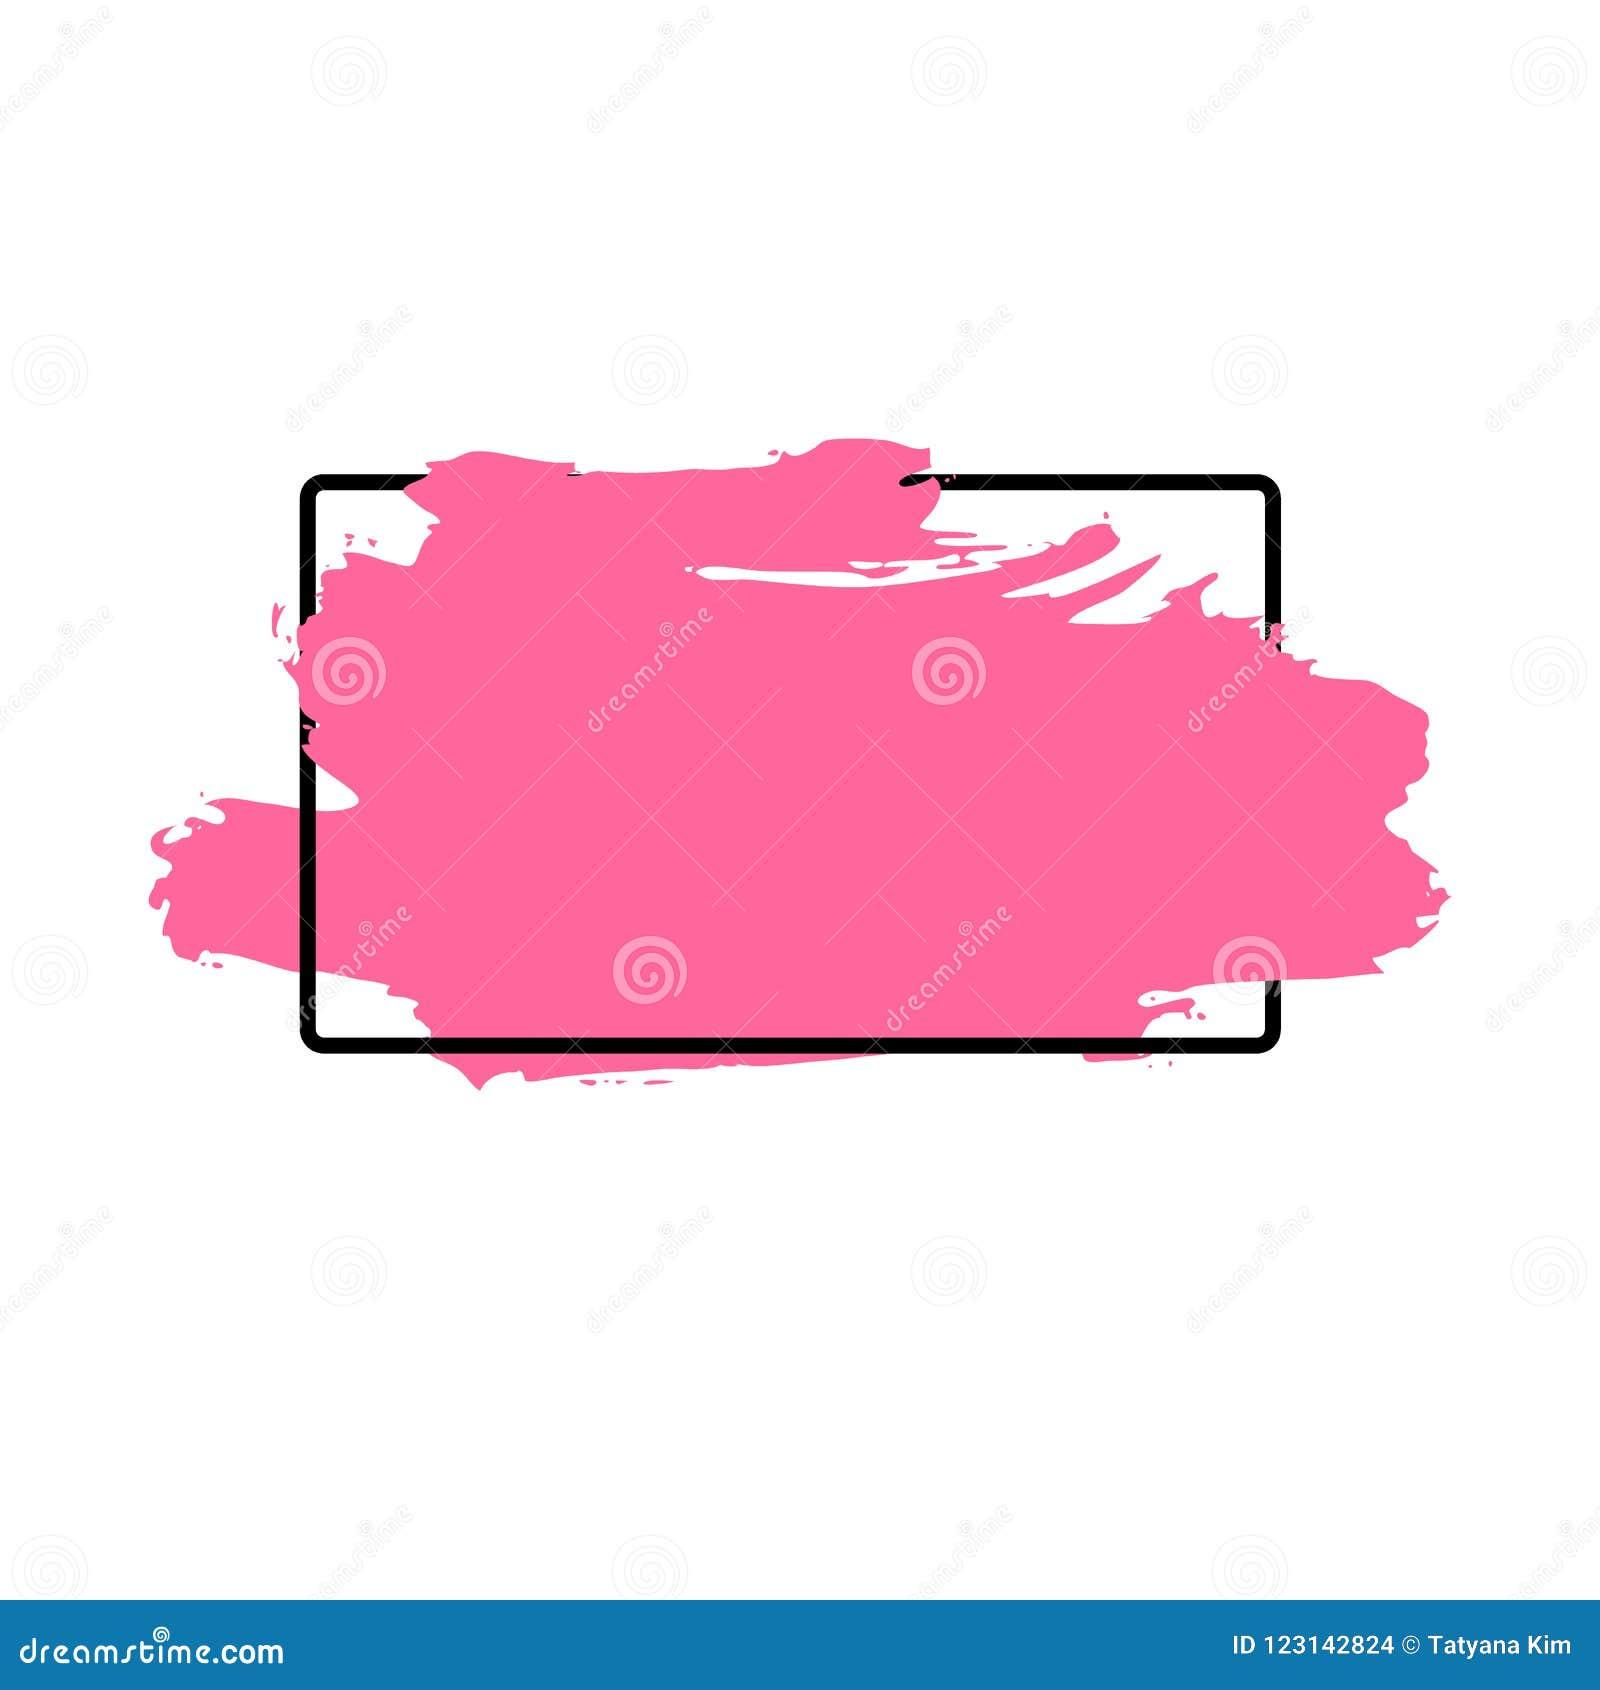 De vectorslag van de verfborstel, borstel, lijn of textuur Vuil artistiek ontwerpelement, vakje, kader of achtergrond voor tekst